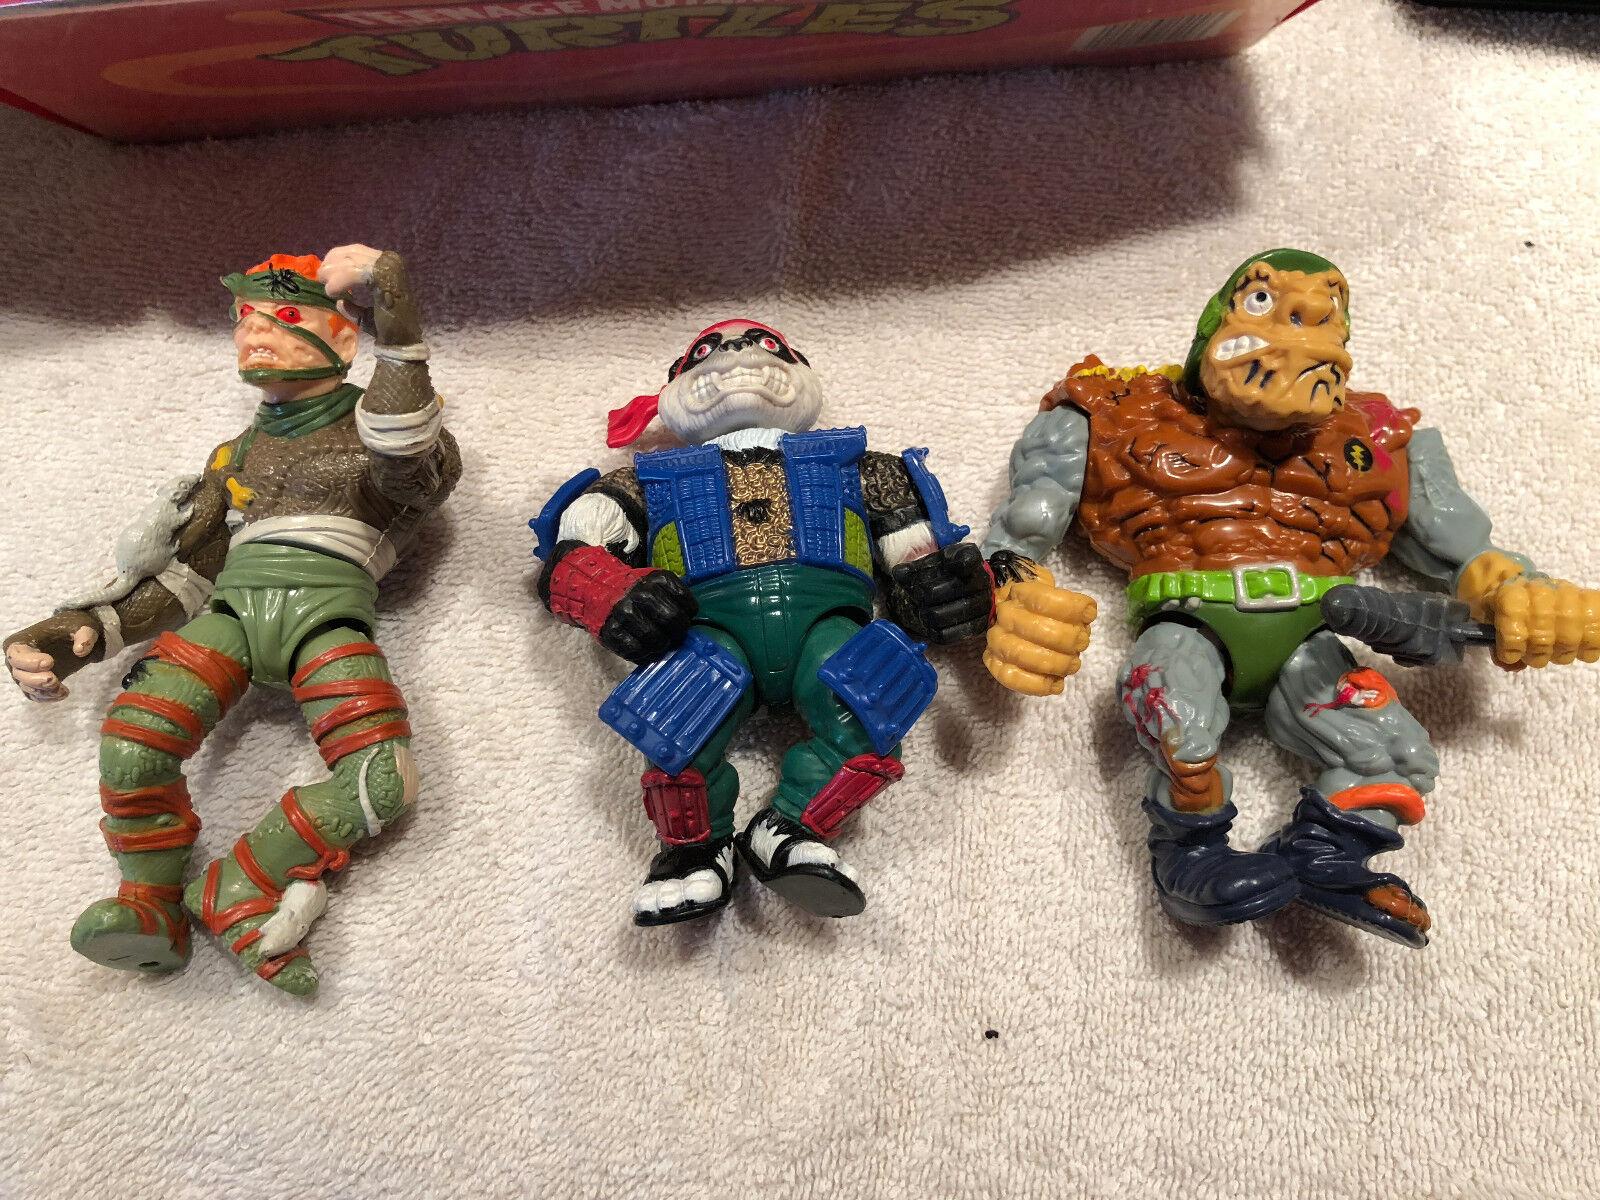 Vintage Vintage Vintage Teenage Mutant Ninja Turtles Case w 5 Figures-Rat KIng, Panda, Tragg, 050061